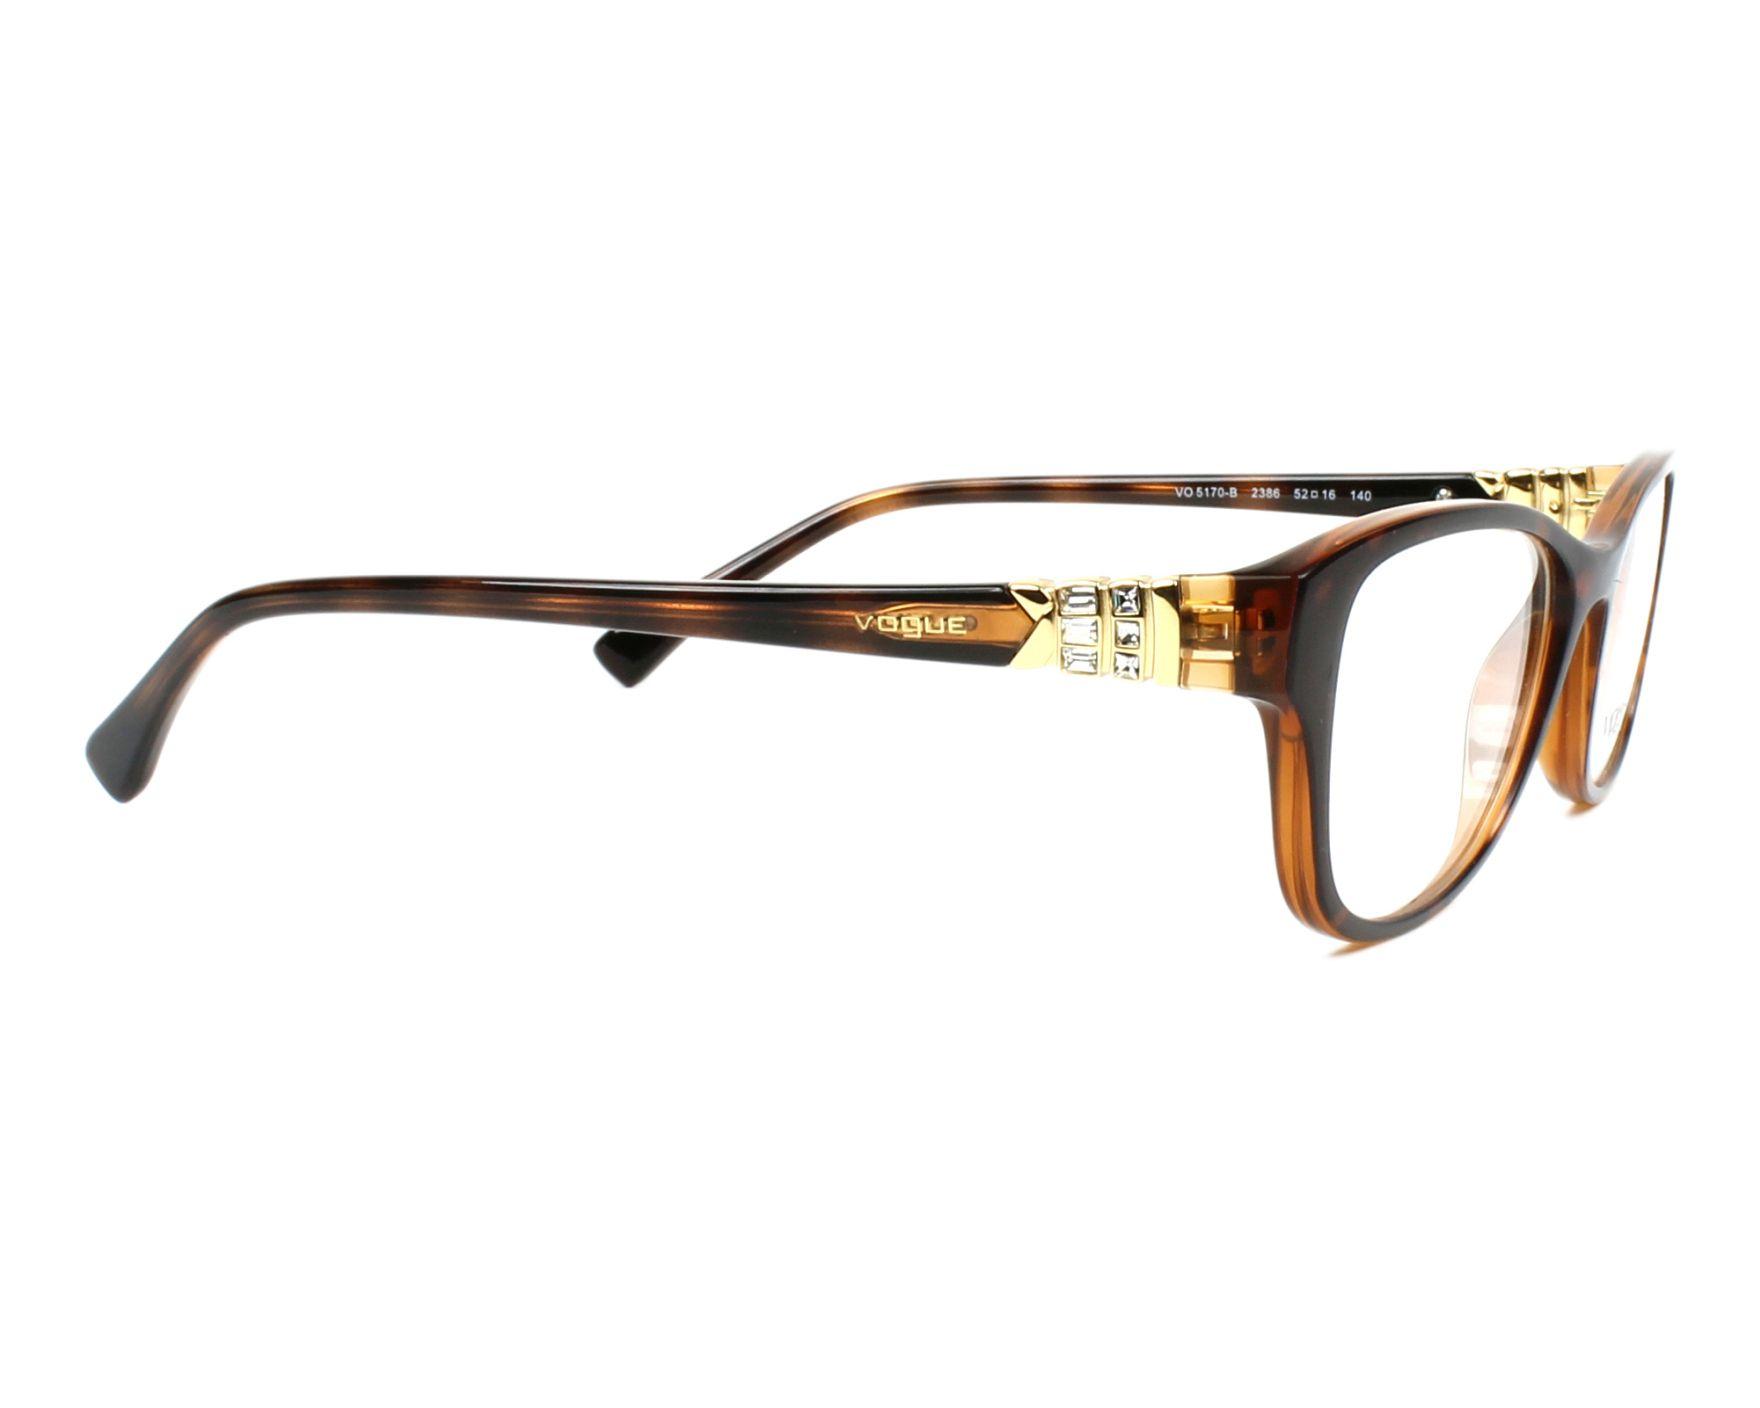 6f16852369 Gafas Graduadas Vogue VO-5170-B 2386 52-16 Havana vista lateral